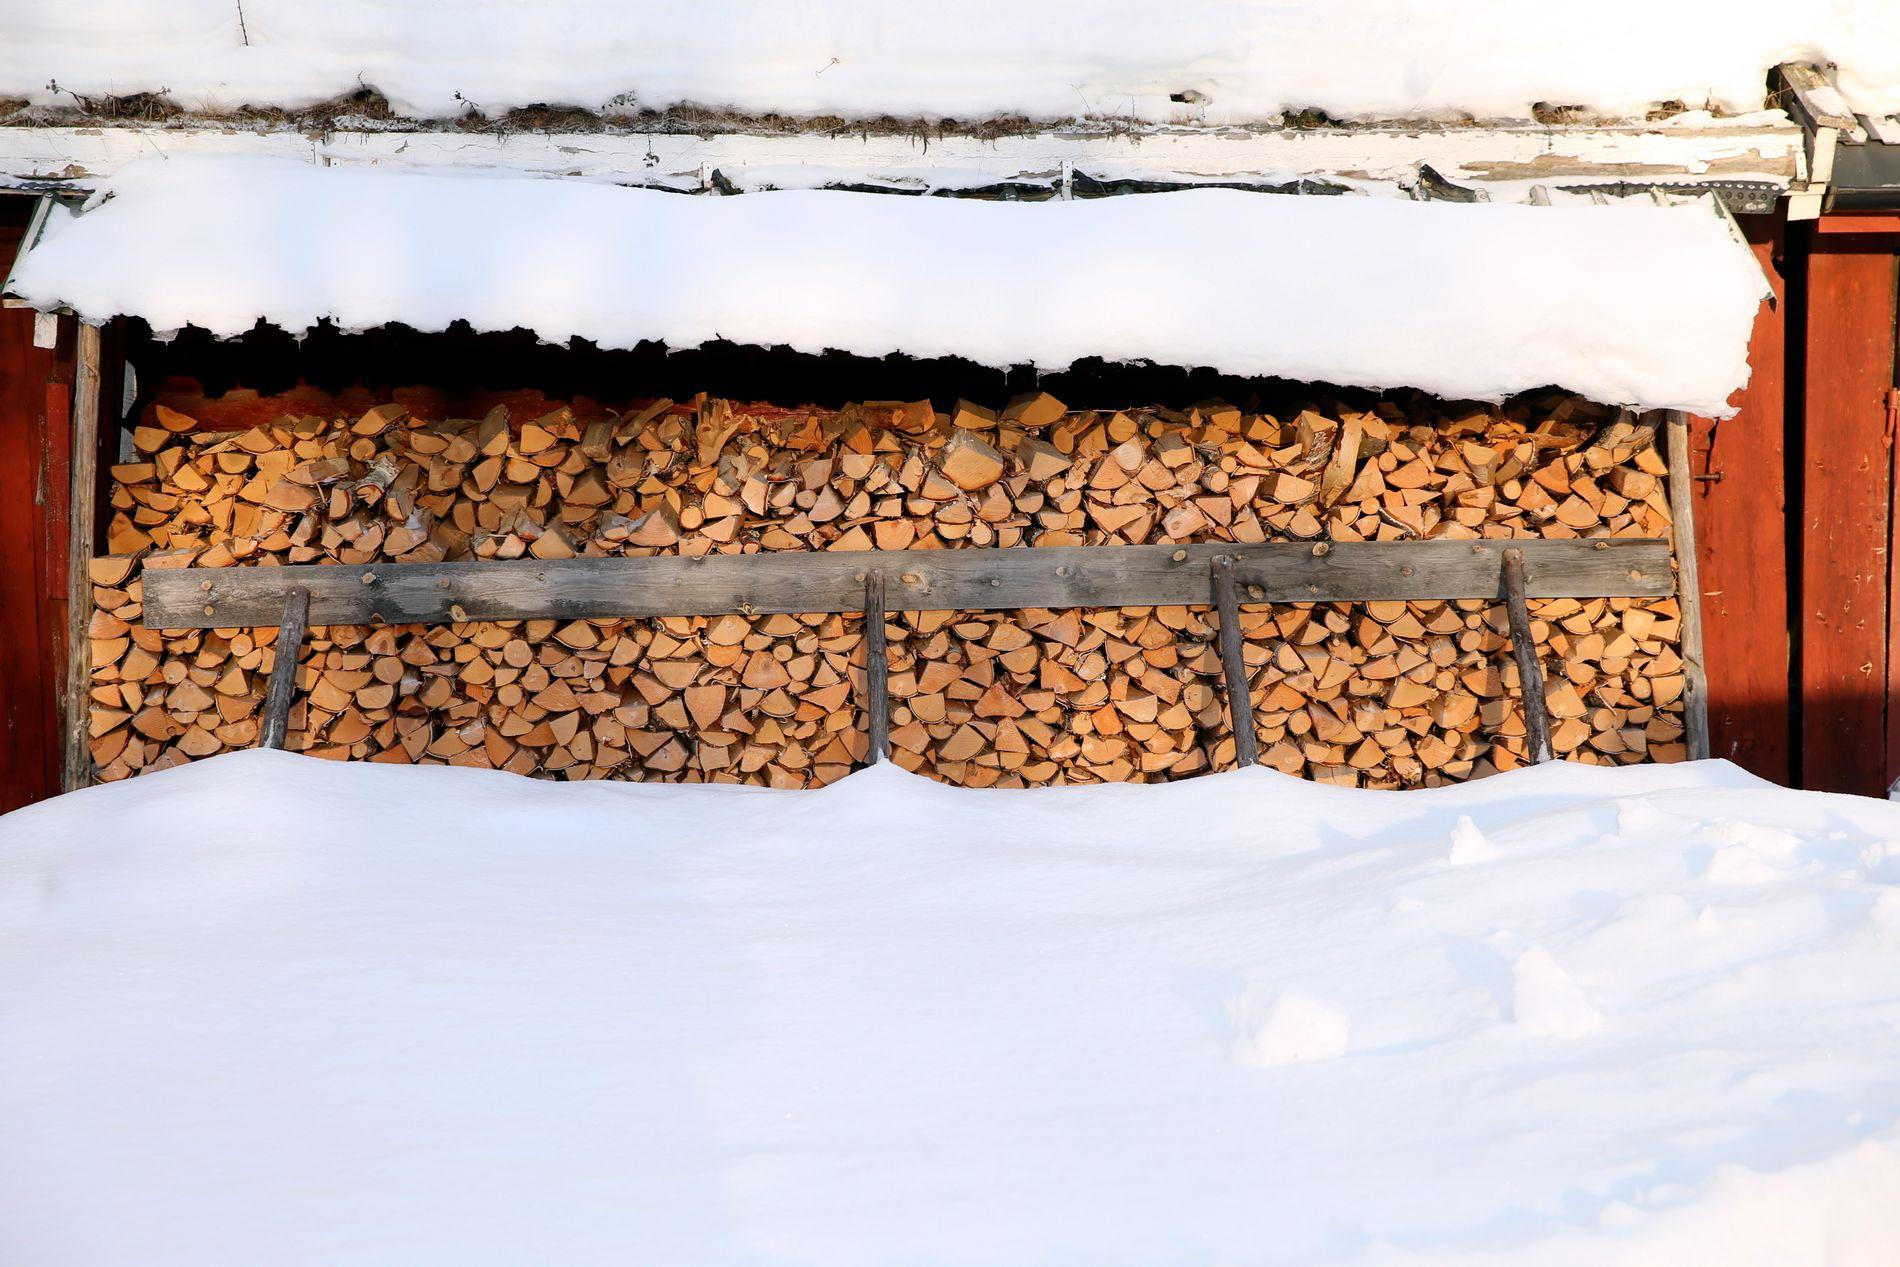 TOMT FOR VED: Vedsekkene blir revet fra butikkhyllene i stormfart.